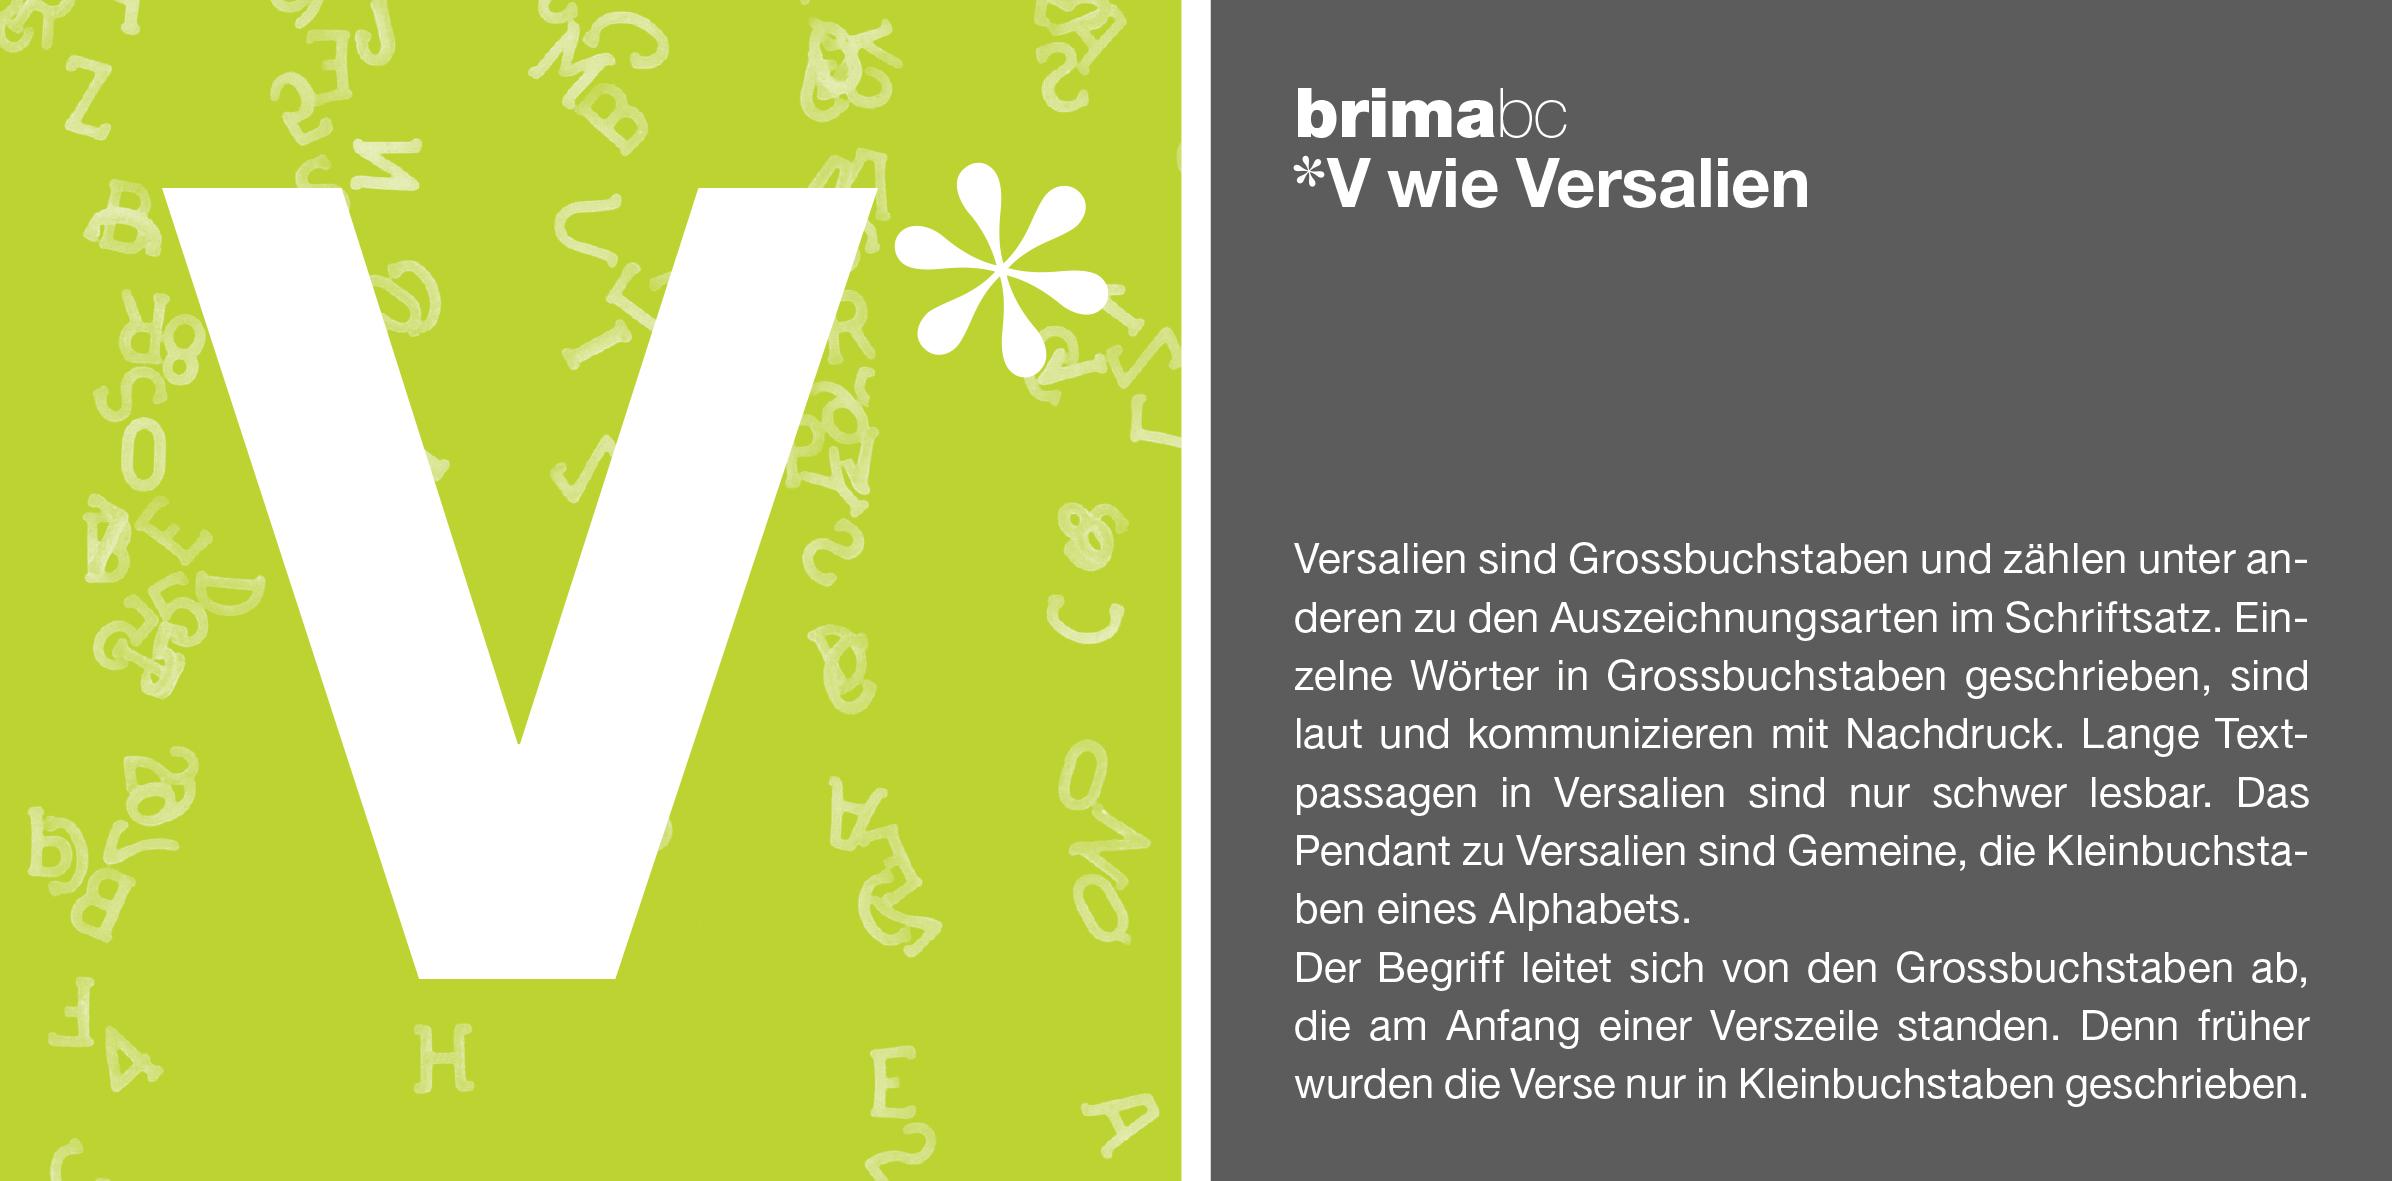 brimABC_Versalien_2.jpg